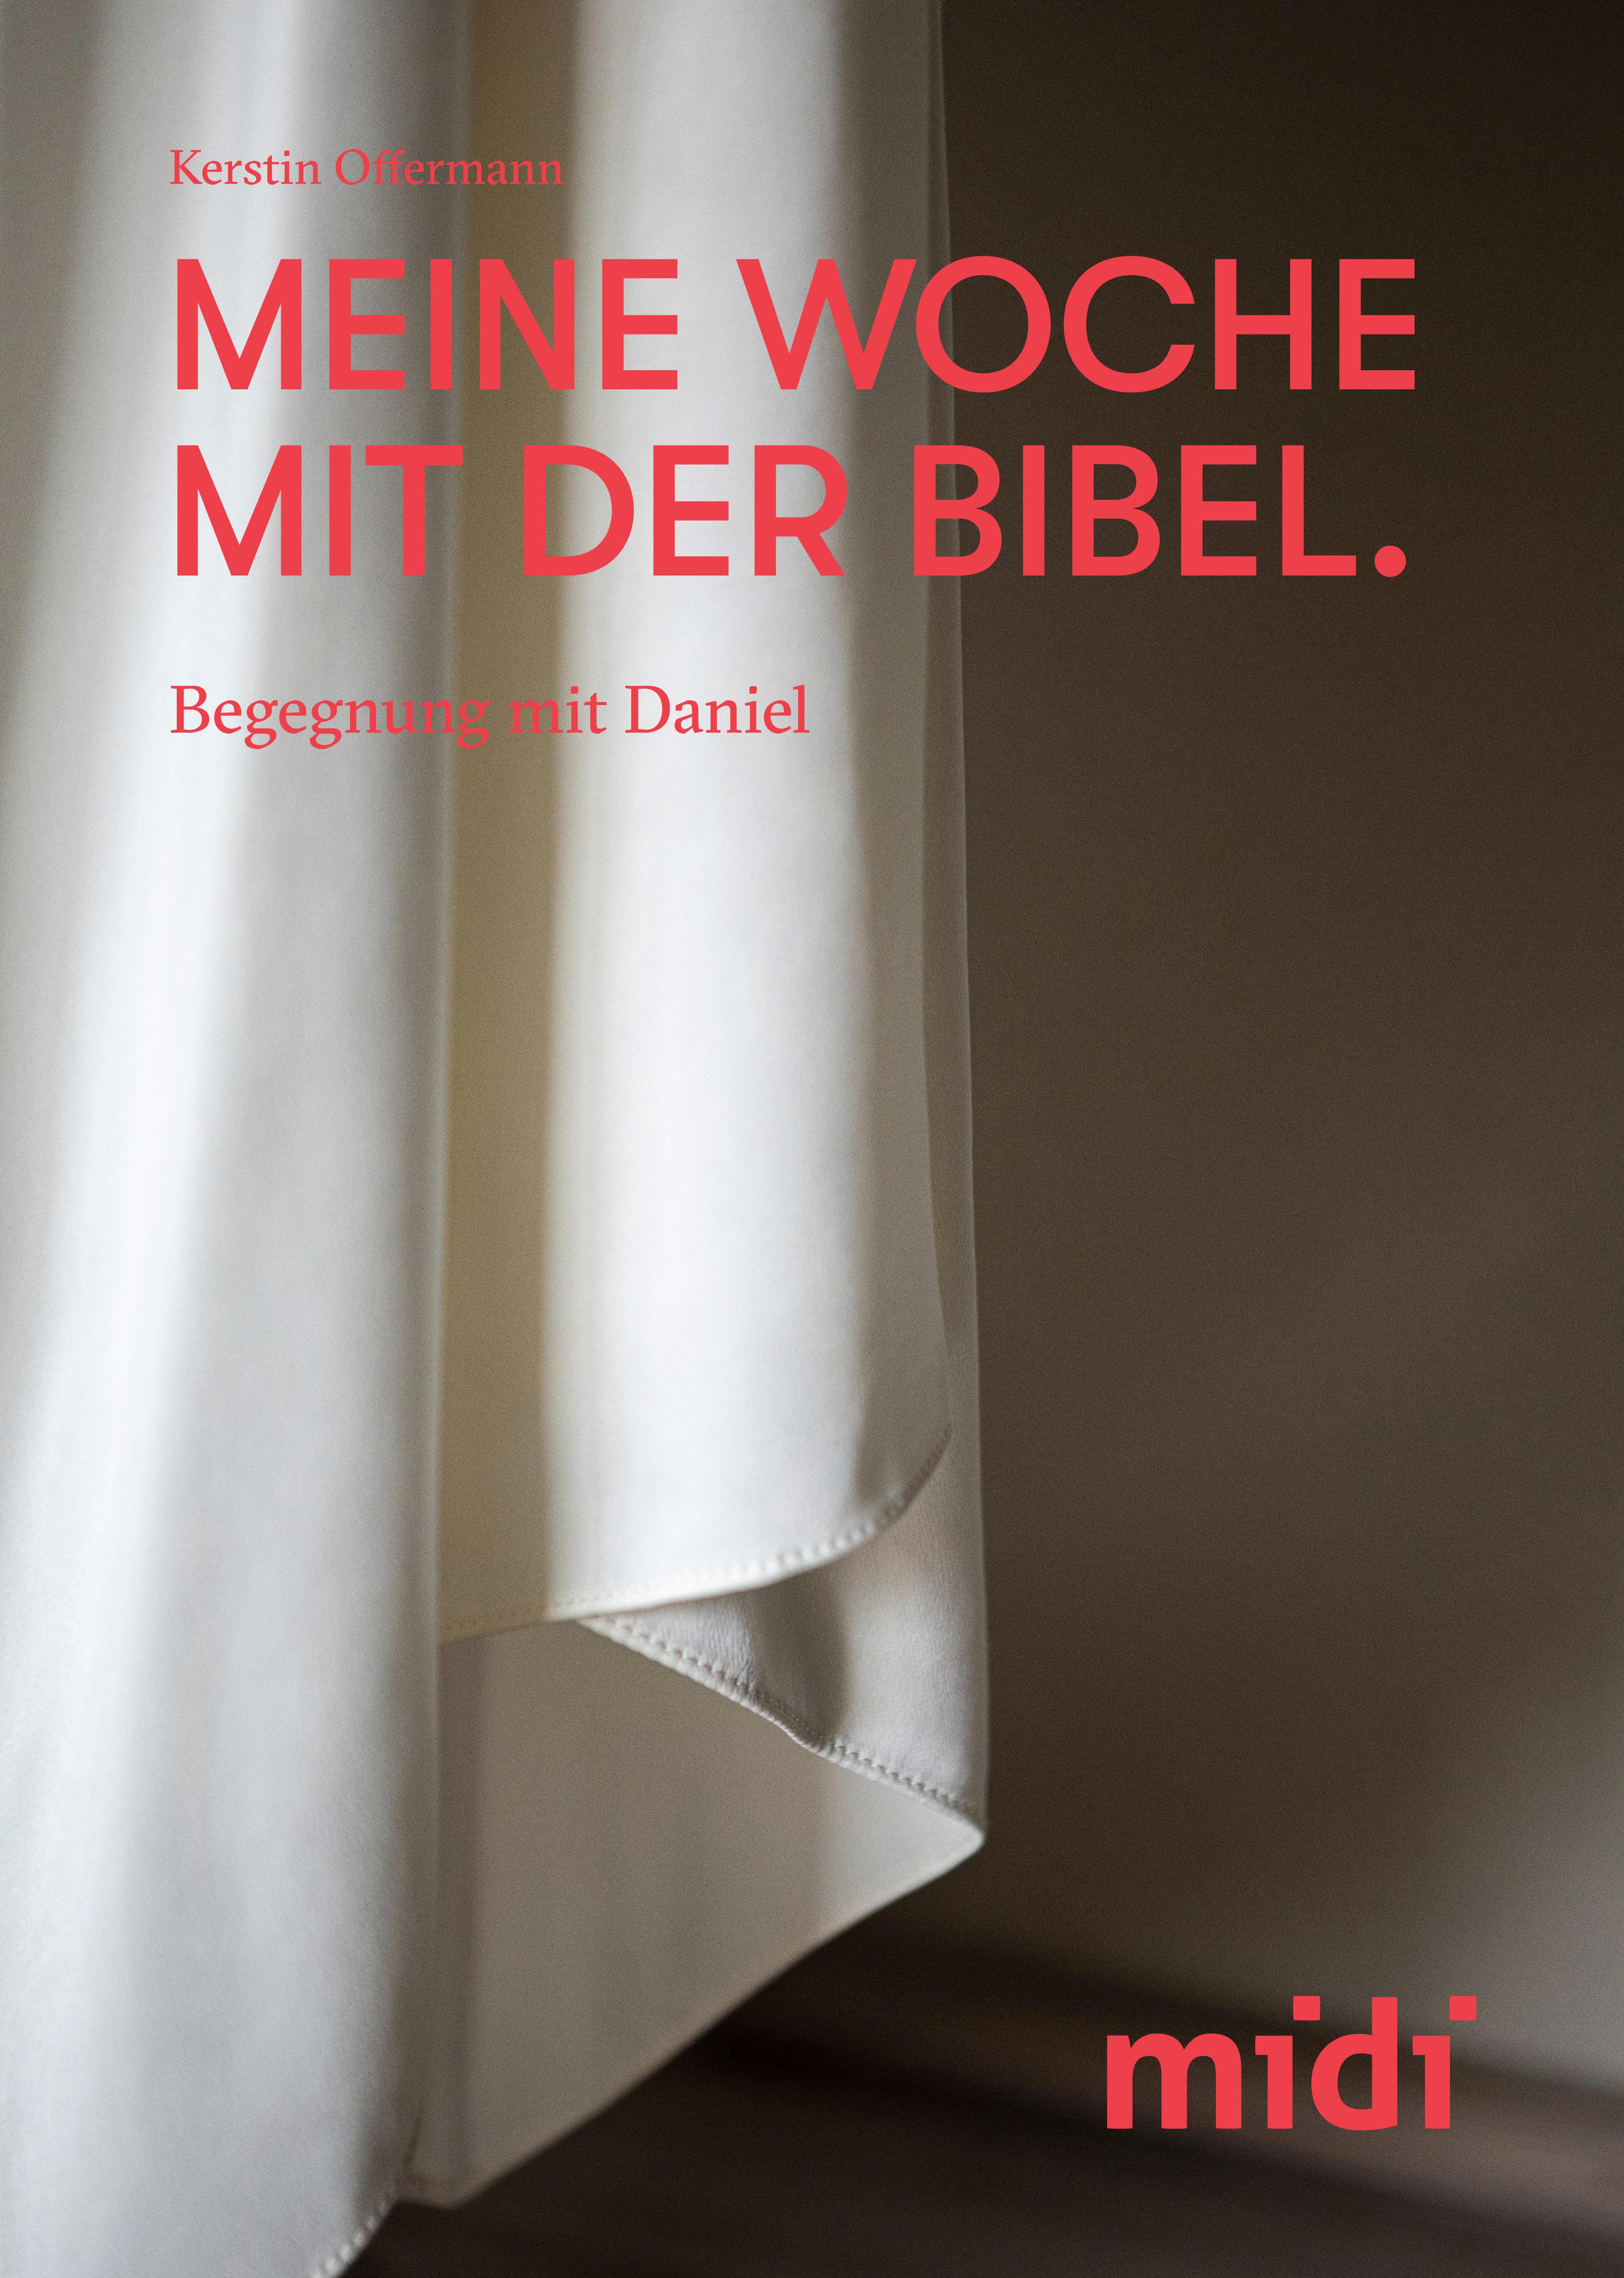 Meine Woche mit der Bibel – Begegnung mit Daniel